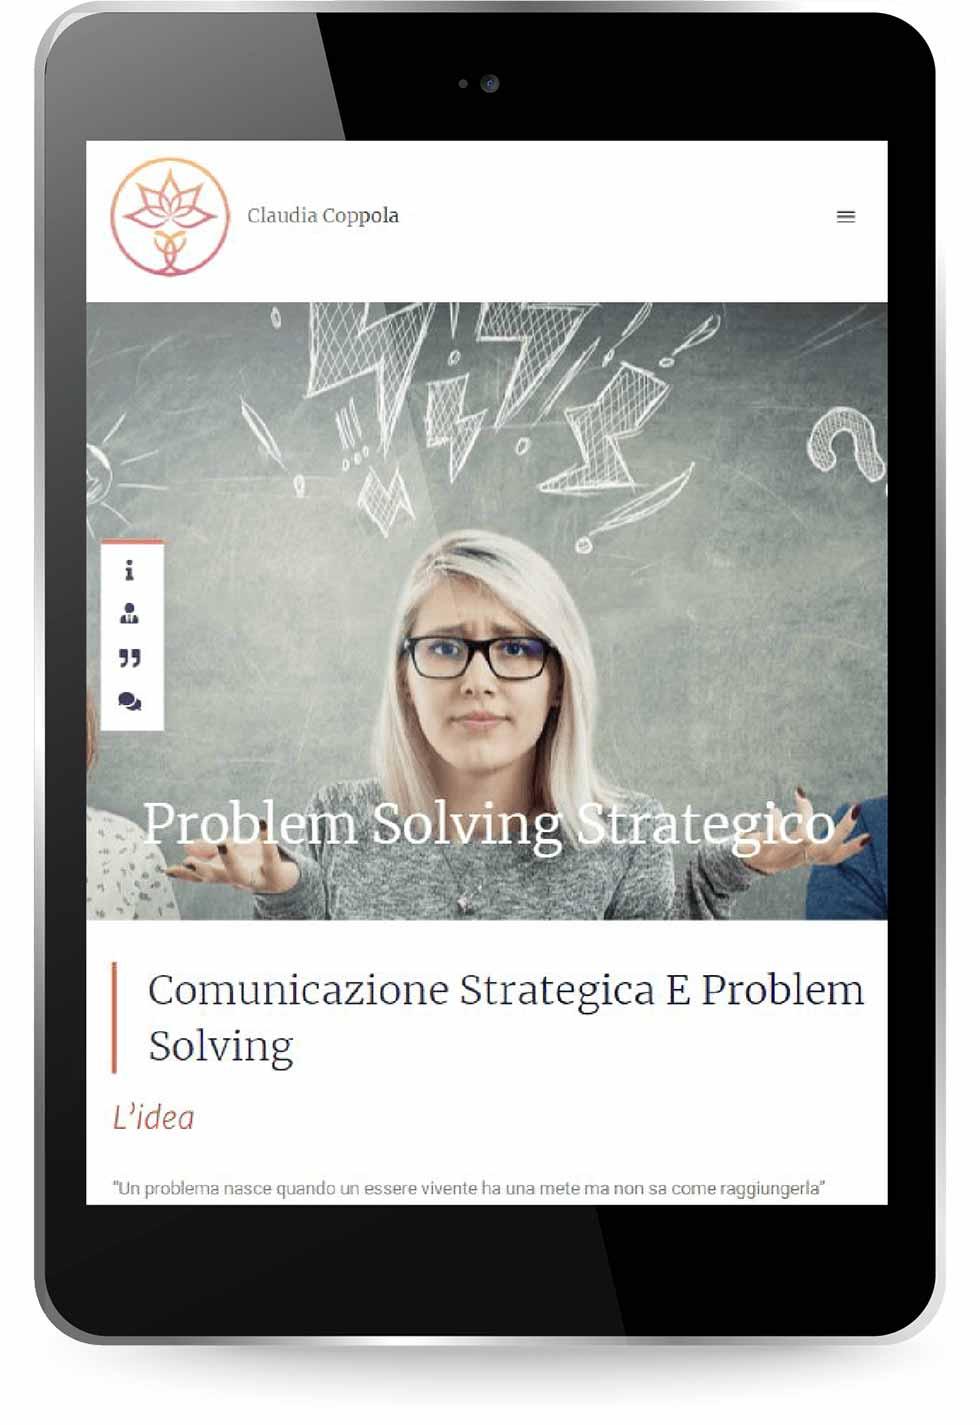 Nuovo sito con WordPress realizzato da Factory Communication Agenzia di Marketing e Comunicazione per Claudia Coppola Coach